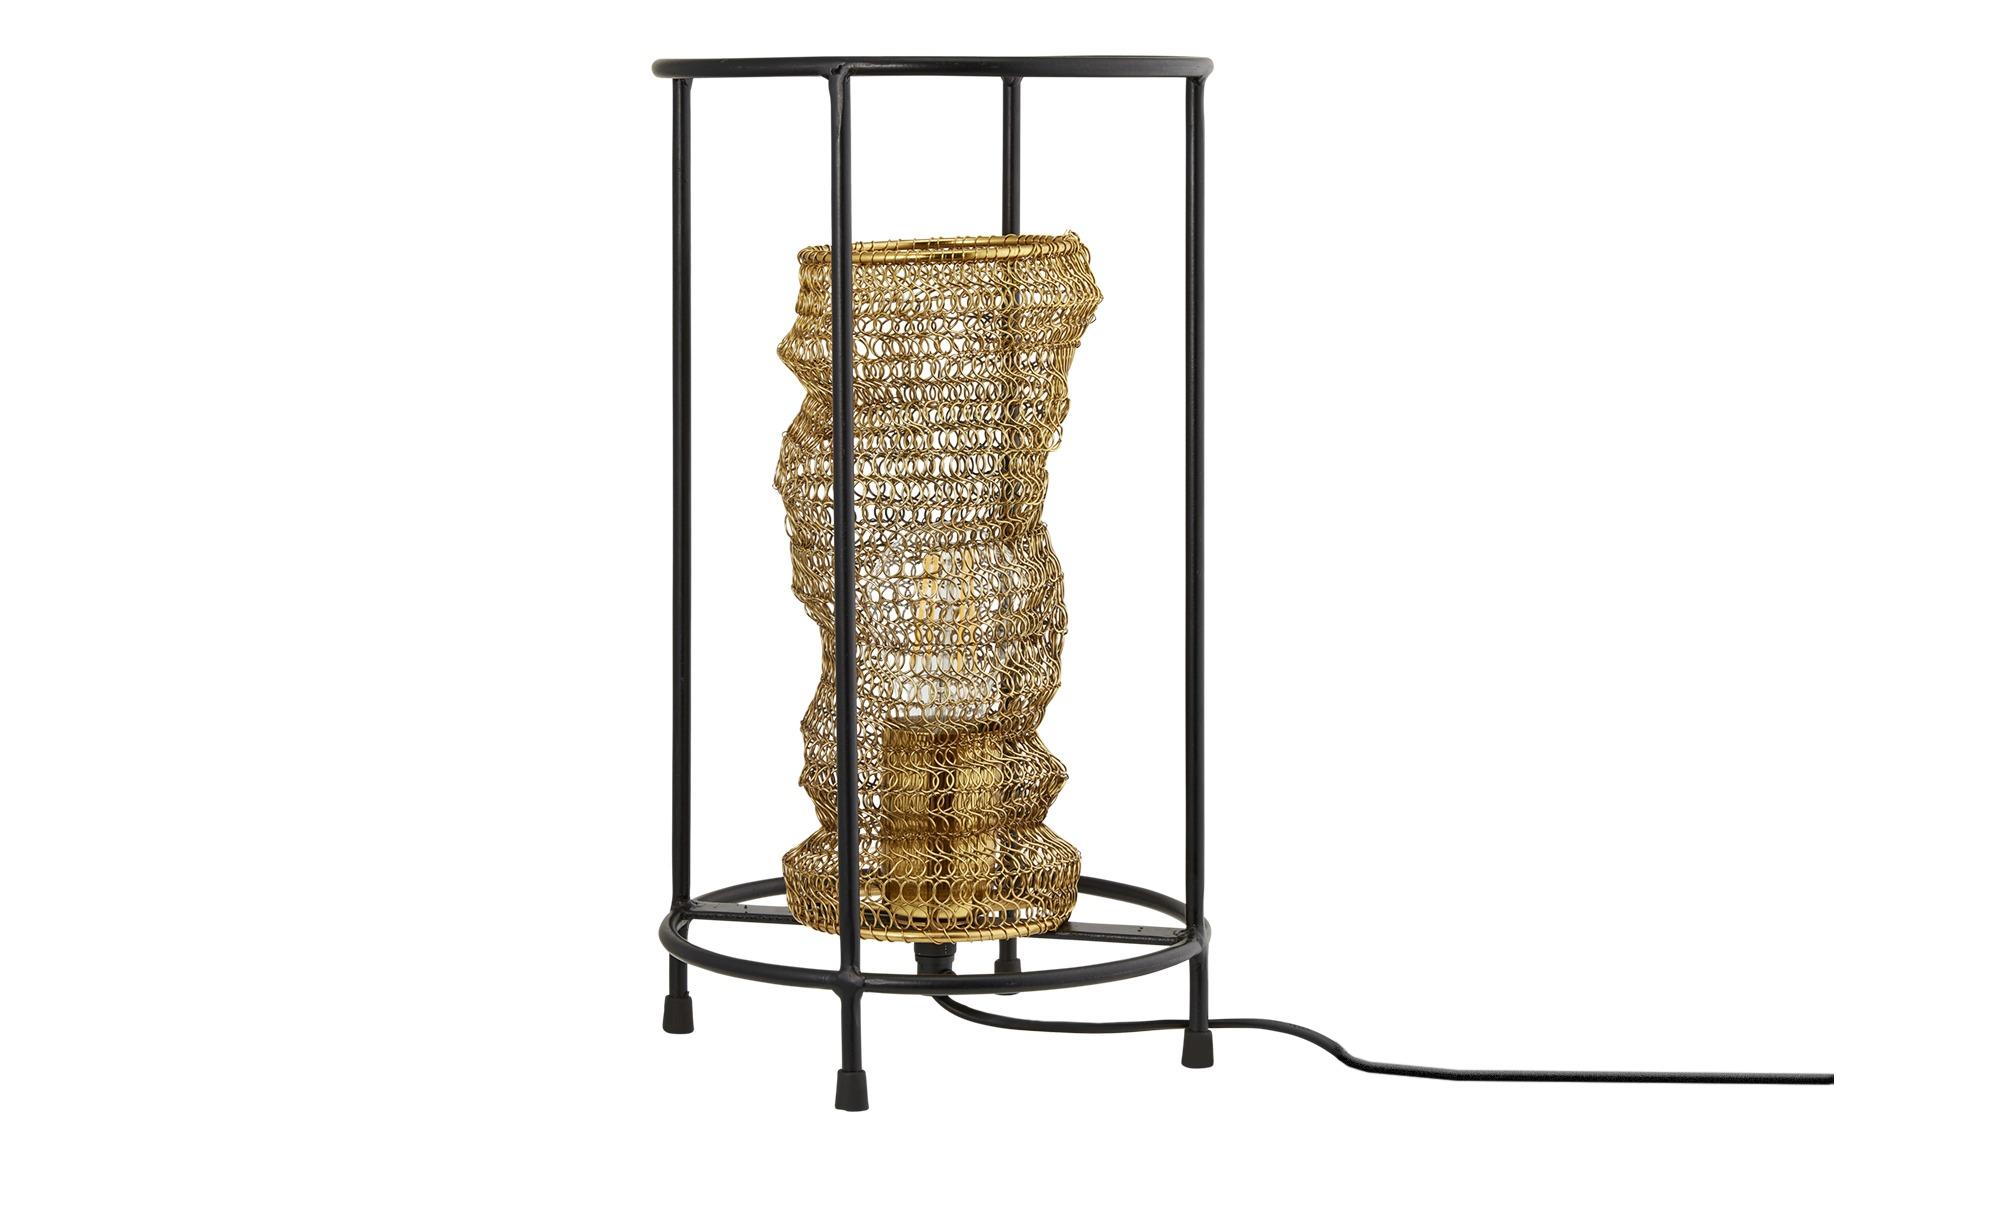 Fischer-Honsel Tischleuchte, Fischernetz-Optik ¦ gold ¦ Maße (cm): H: 36 Ø: 20 Lampen & Leuchten > Innenleuchten > Tischlampen - Höffner